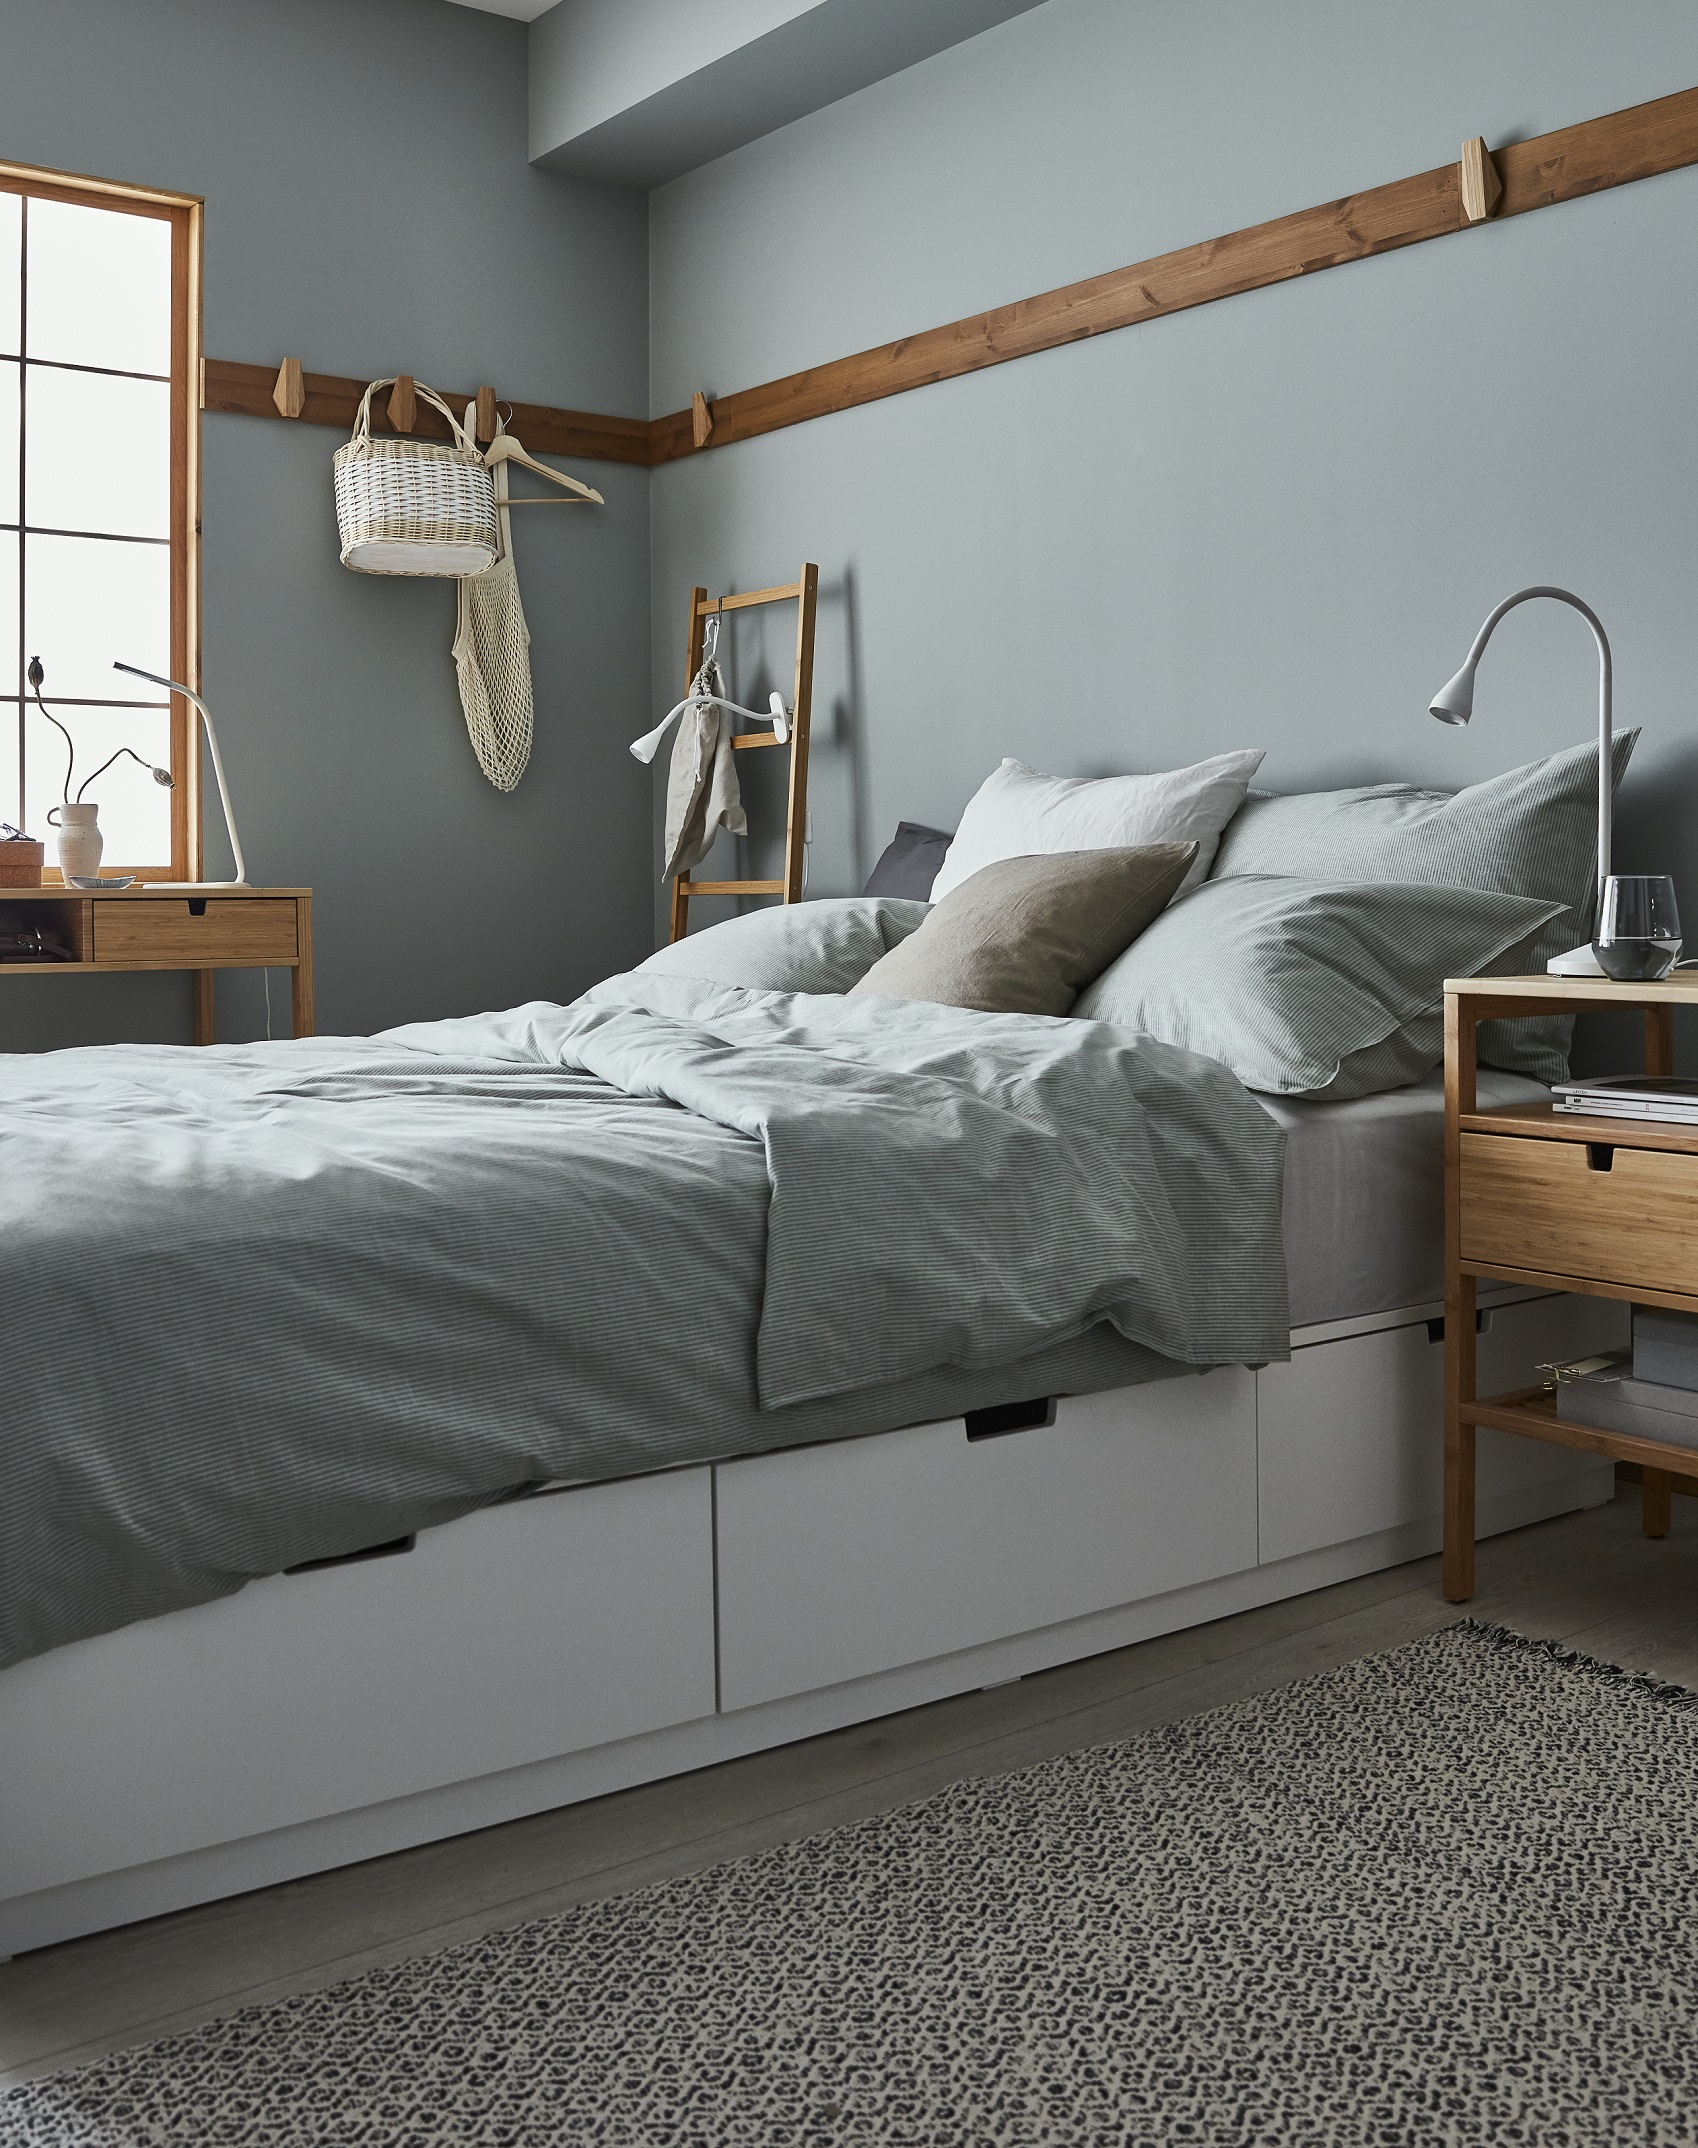 biala-sypialnia-z-drewnianymi-dodatkami